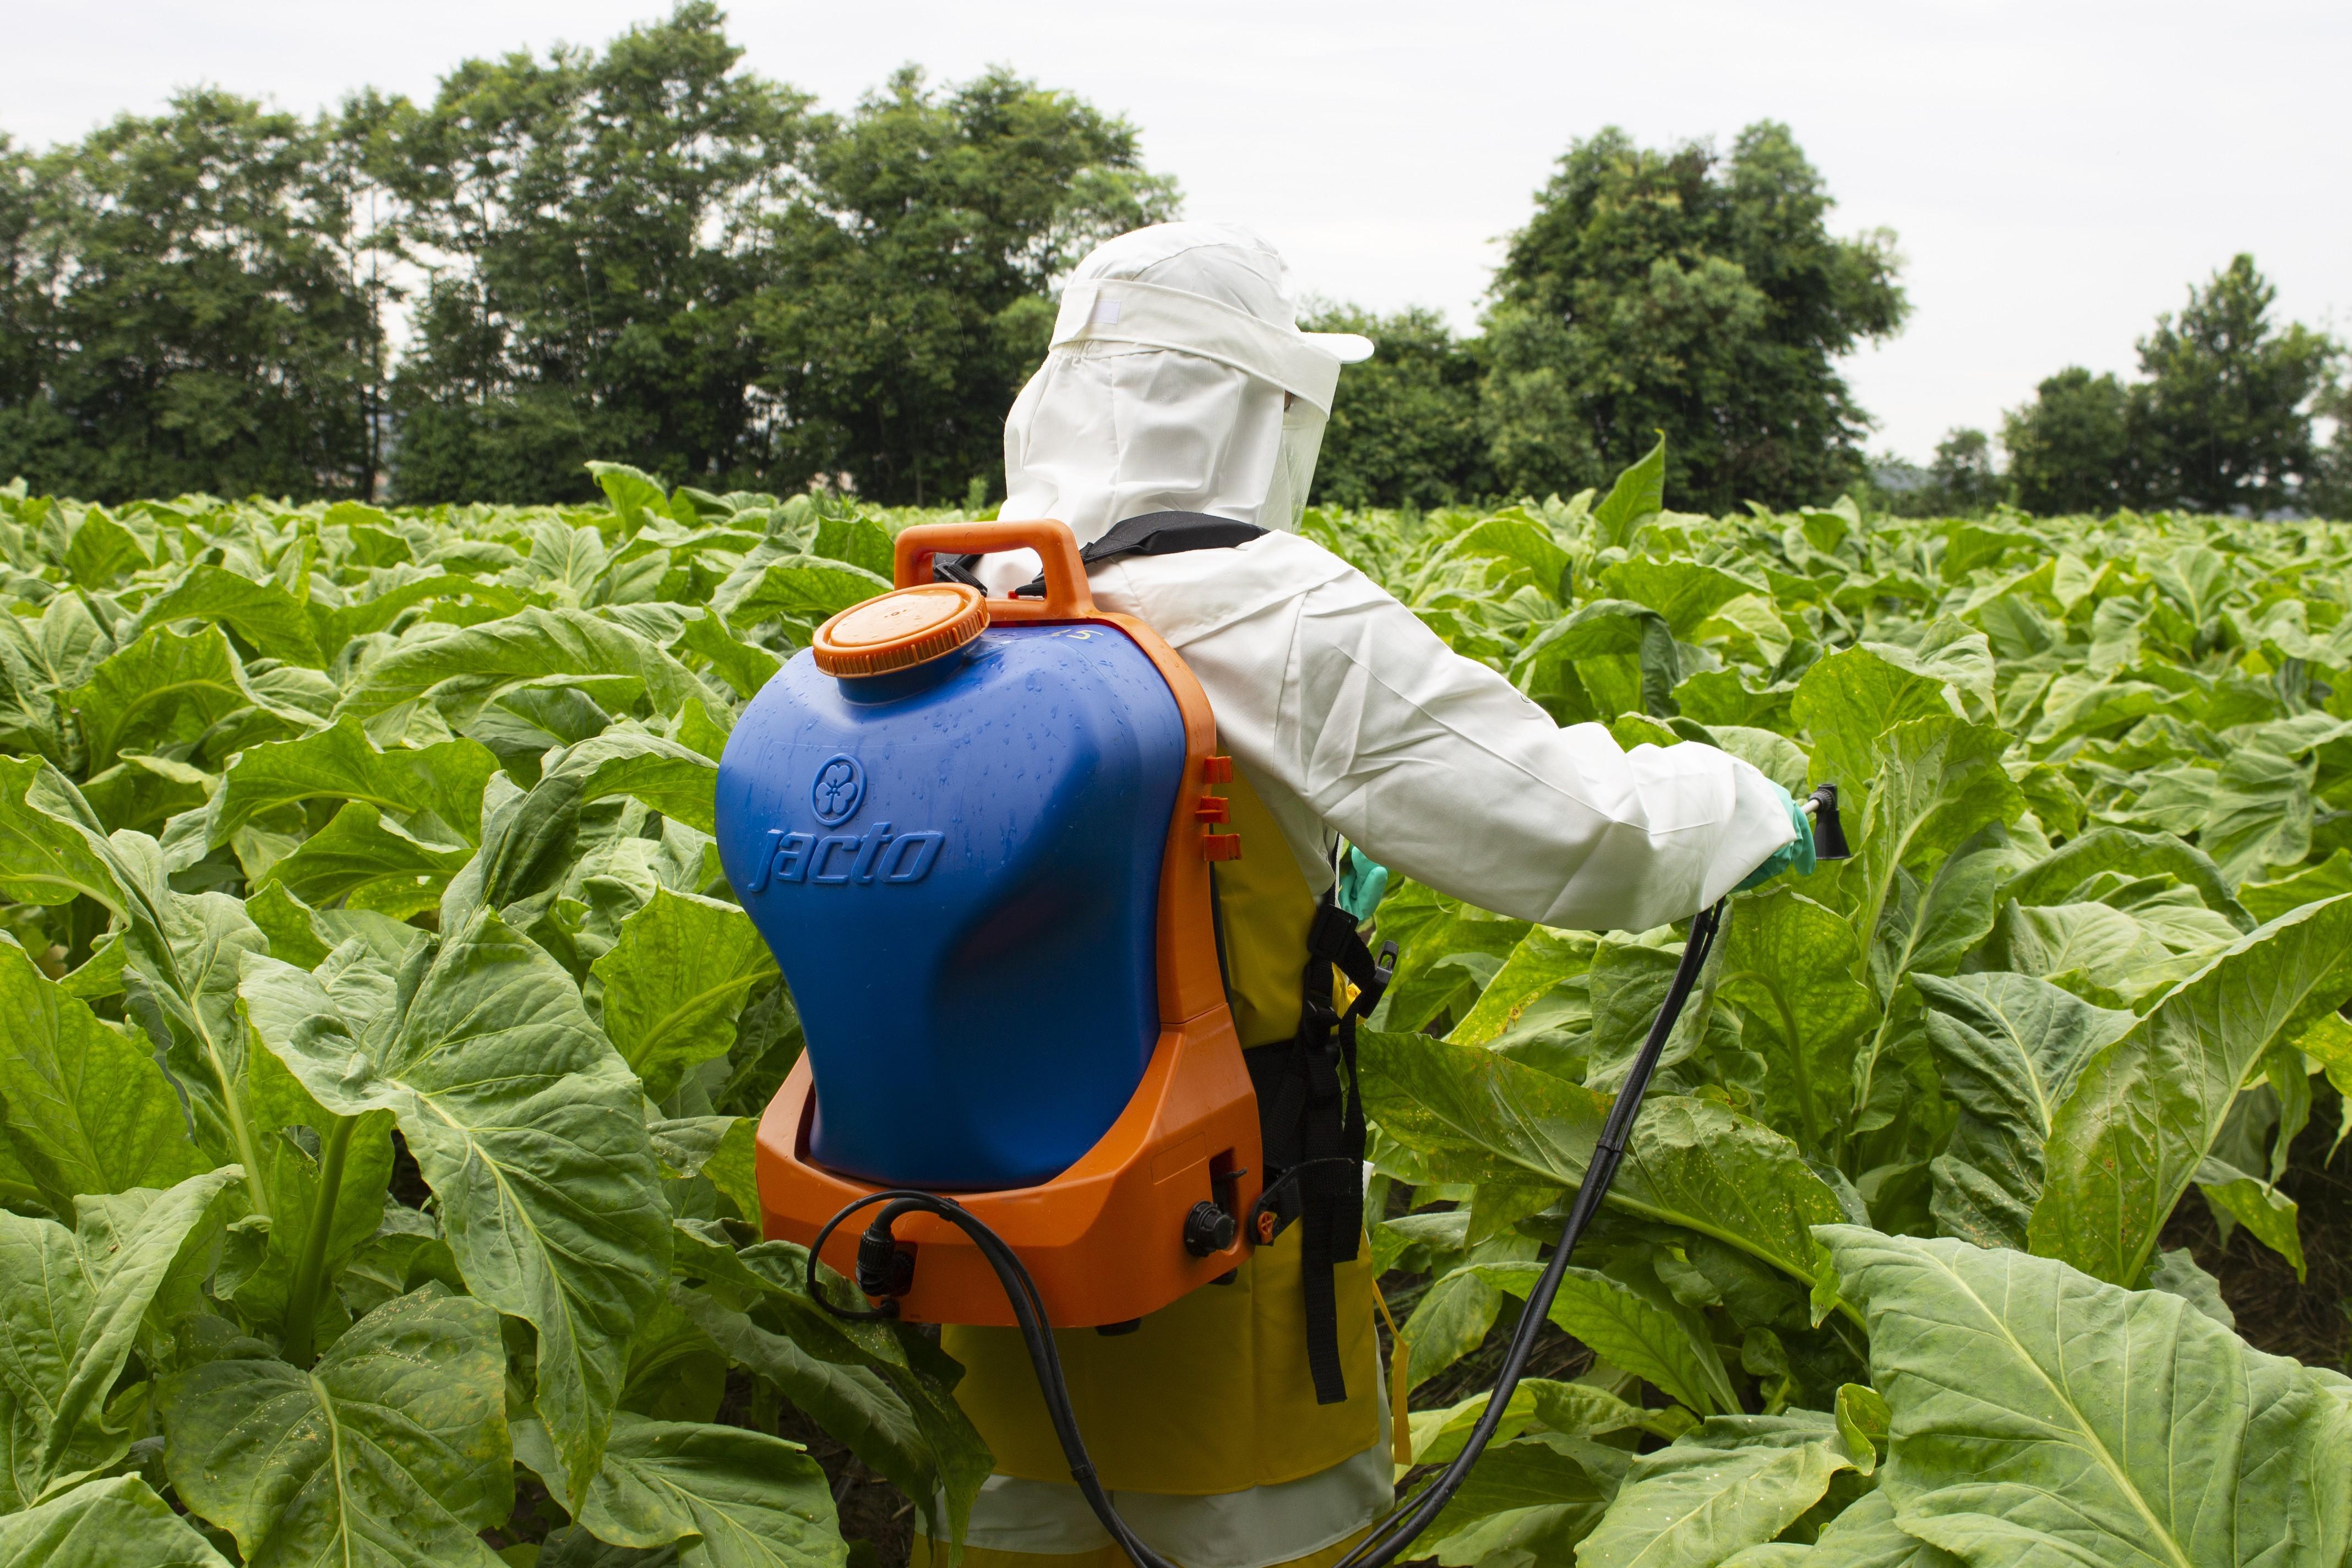 Cursos gratuitos para o setor agrícola serão realizados em Aracaju - Notícias - Plantão Diário